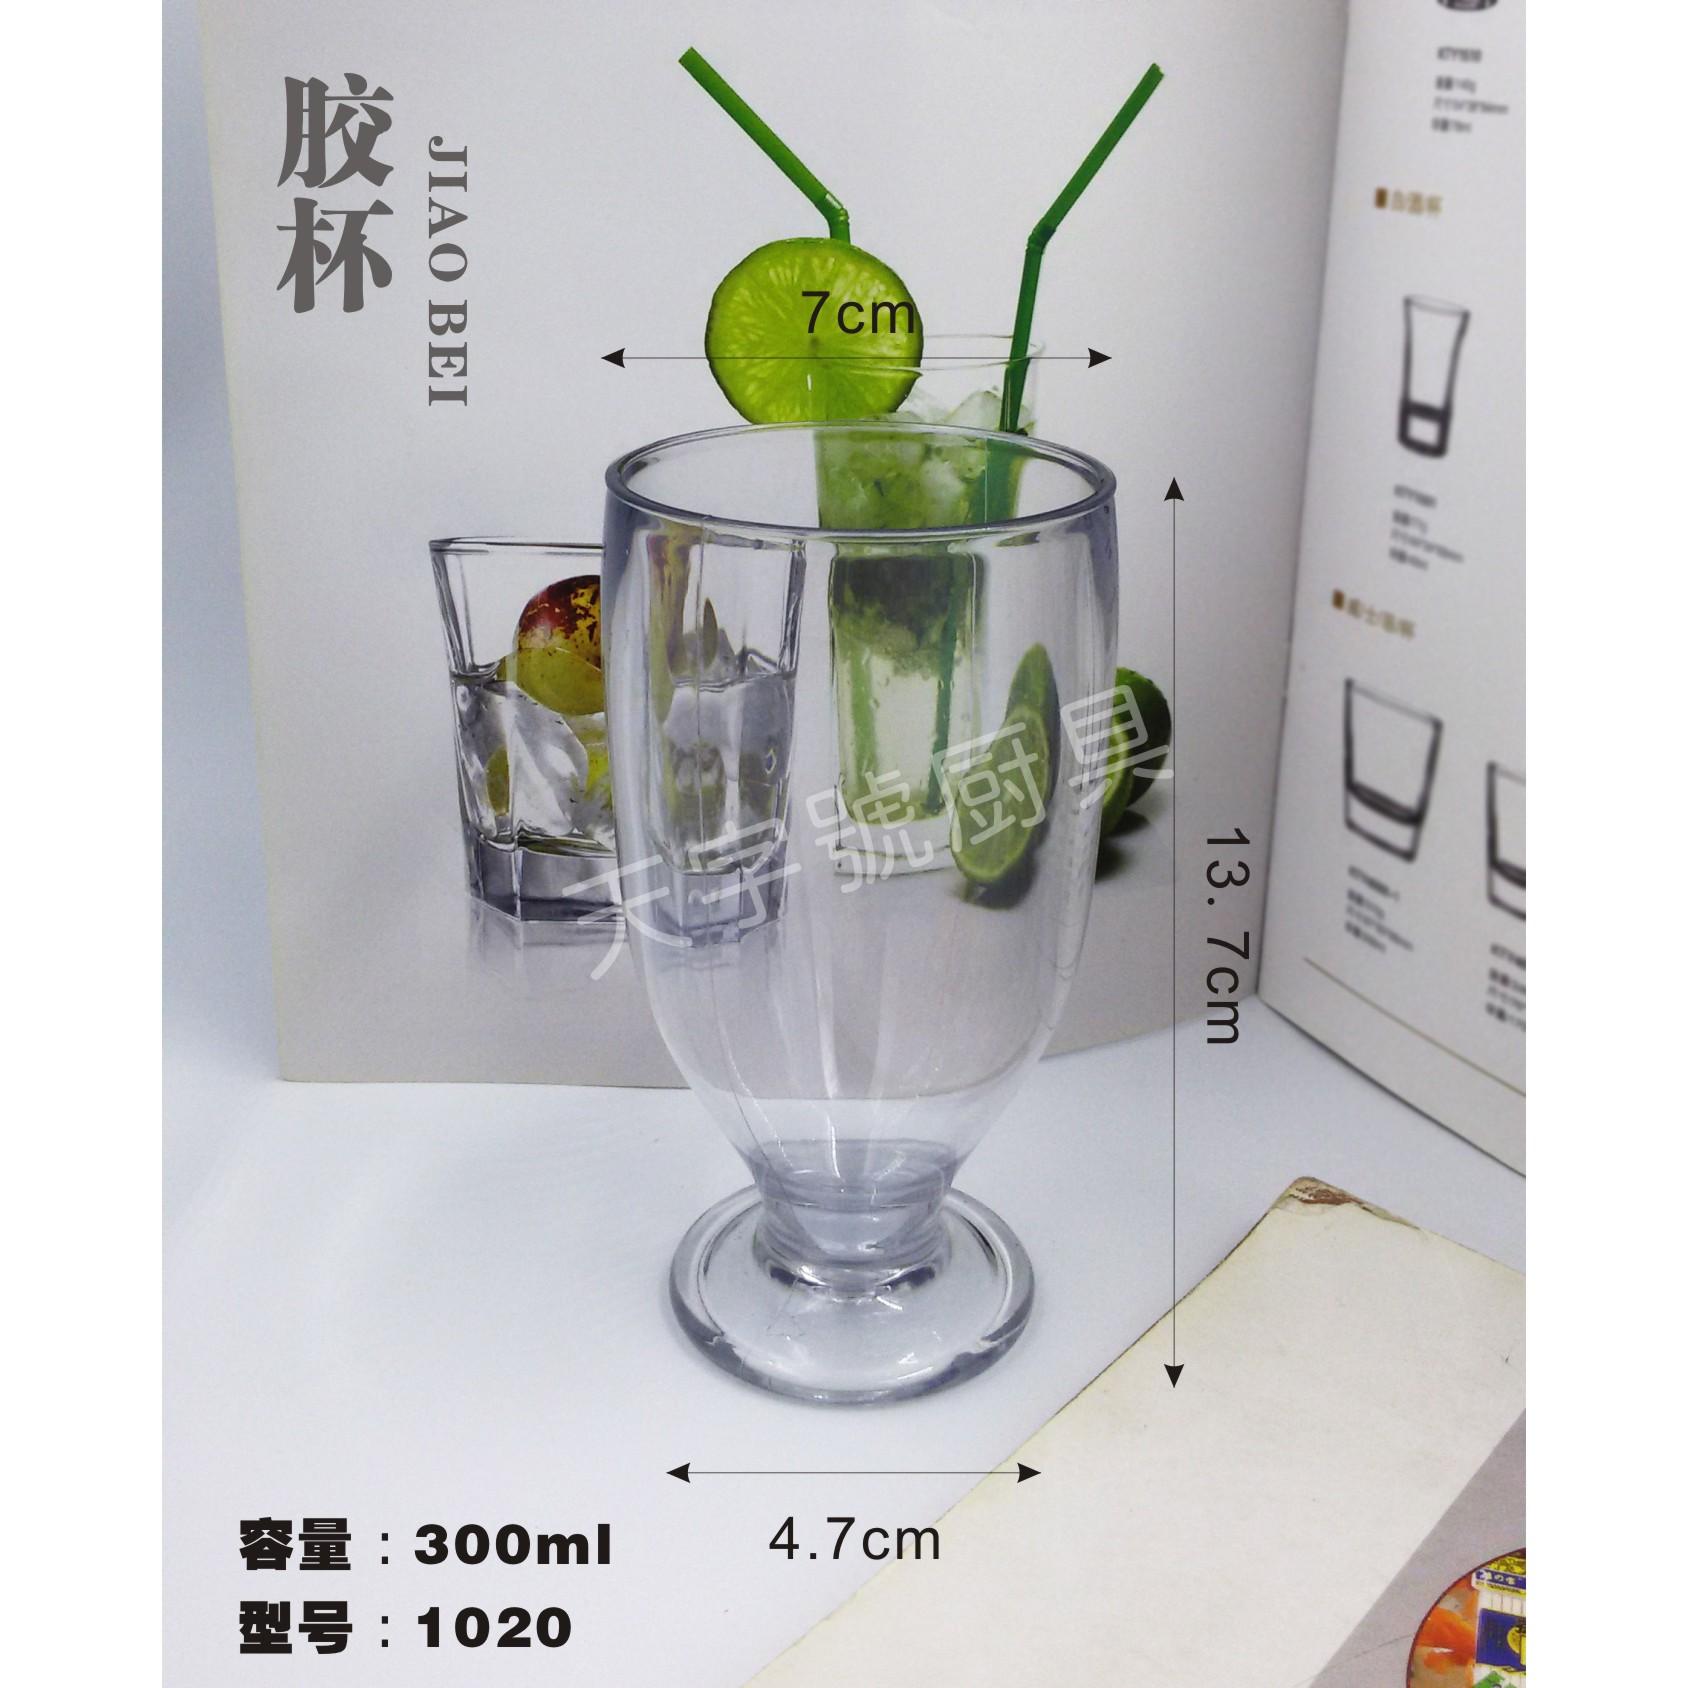 矮脚 亚克力杯透明塑料水杯茶杯啤酒杯茶餐厅可乐果汁饮料杯